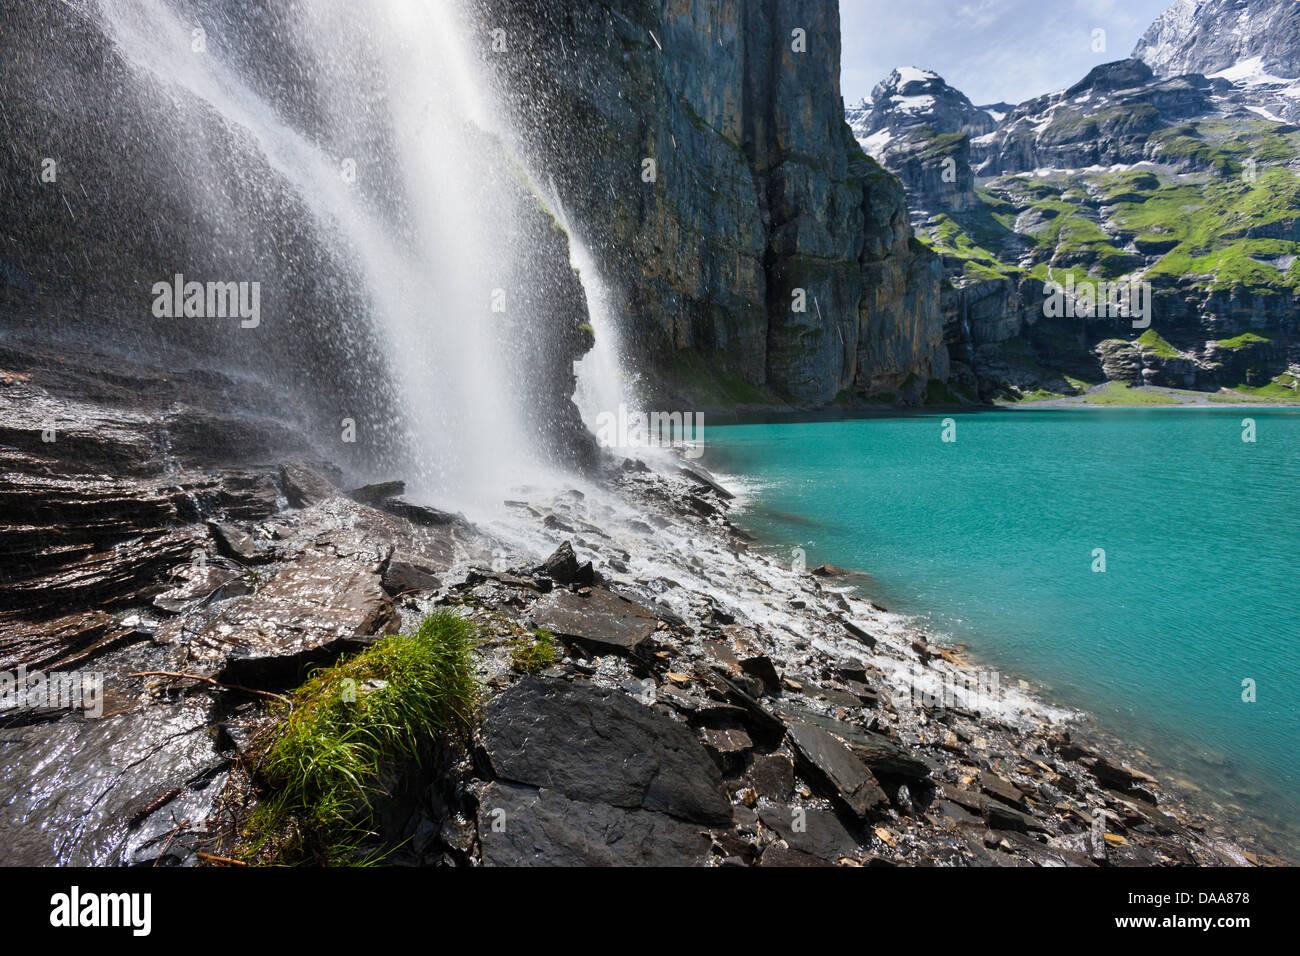 Lago Oeschinen, Tränen, Suiza, Europa, cantón de Berna, en el Oberland Bernés Kandertal Kander, valle, Imagen De Stock